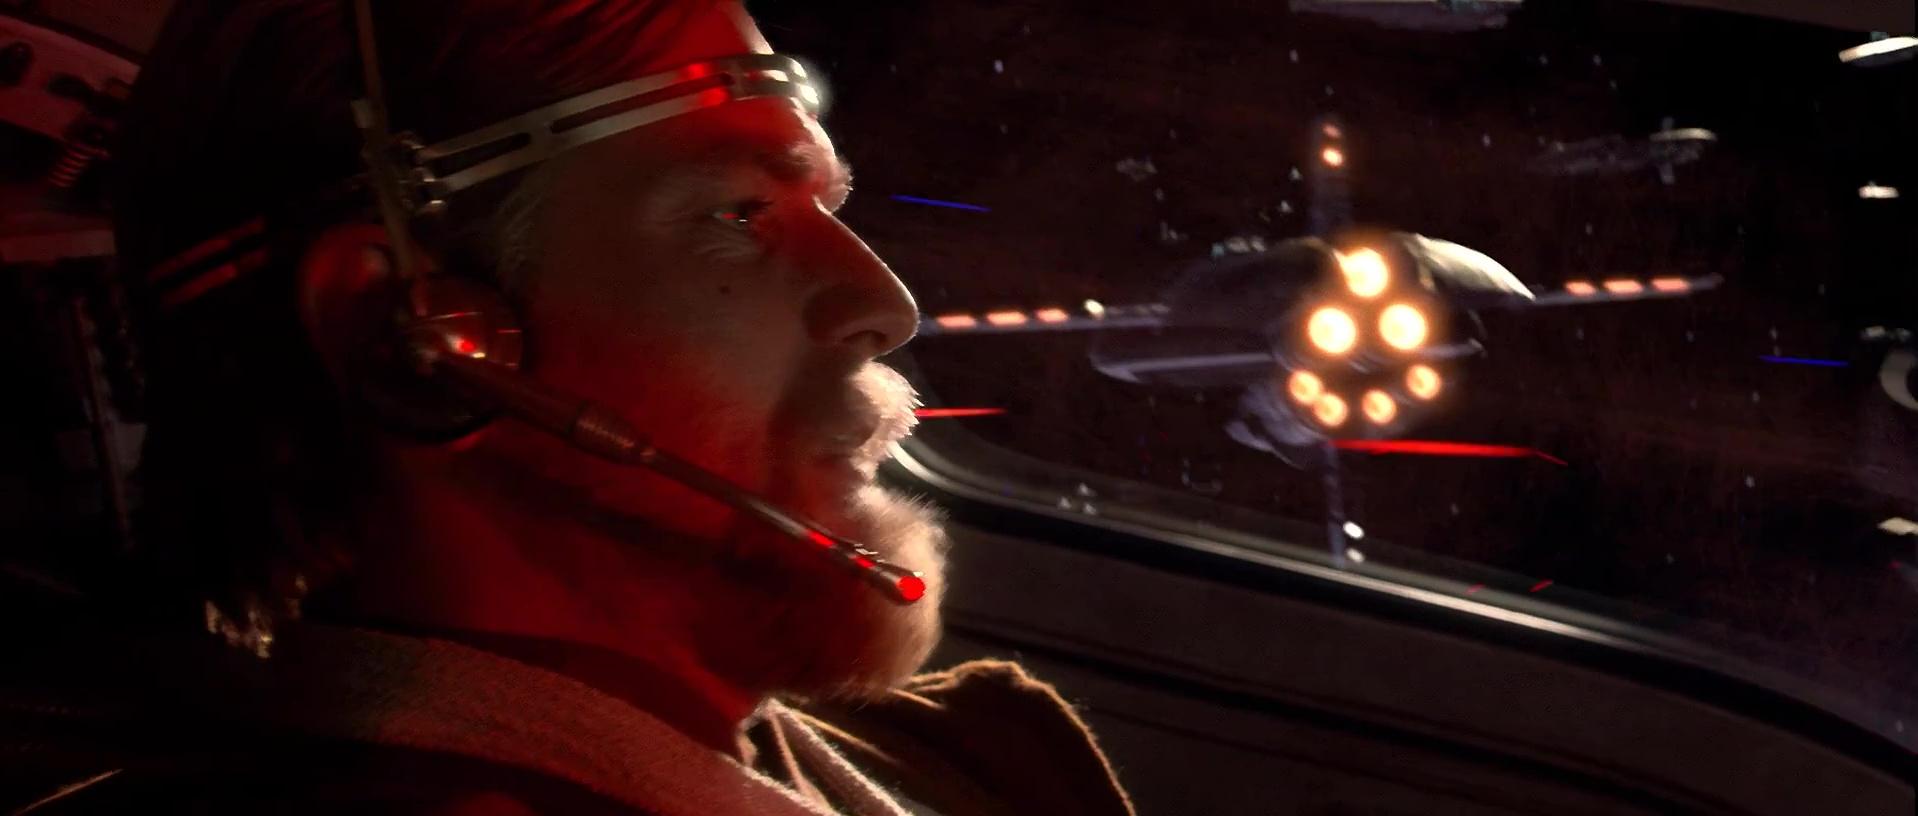 obi wan kenobi ho un brutto presentimento la vendetta sei sith star wars